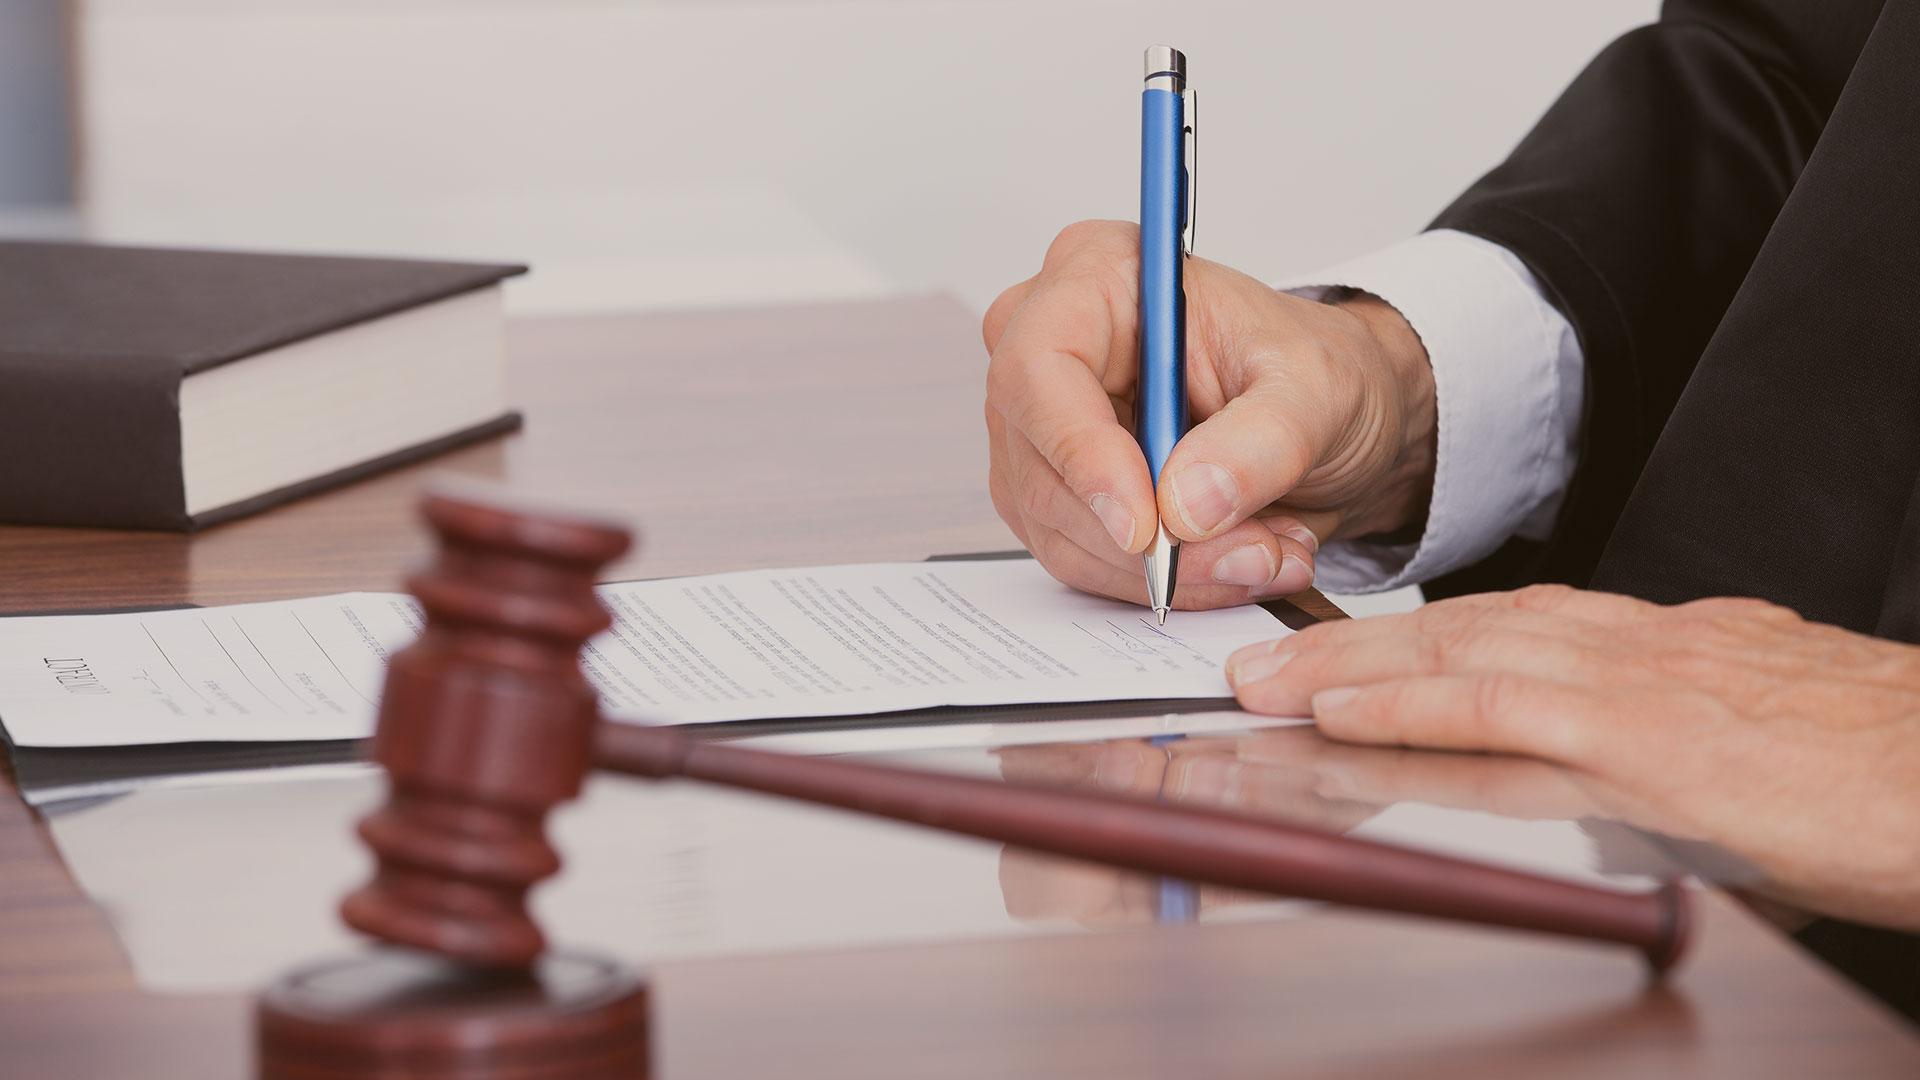 ป้องกันปัญหาคดีอาญา จากโครงสร้างผู้ถือหุ้น